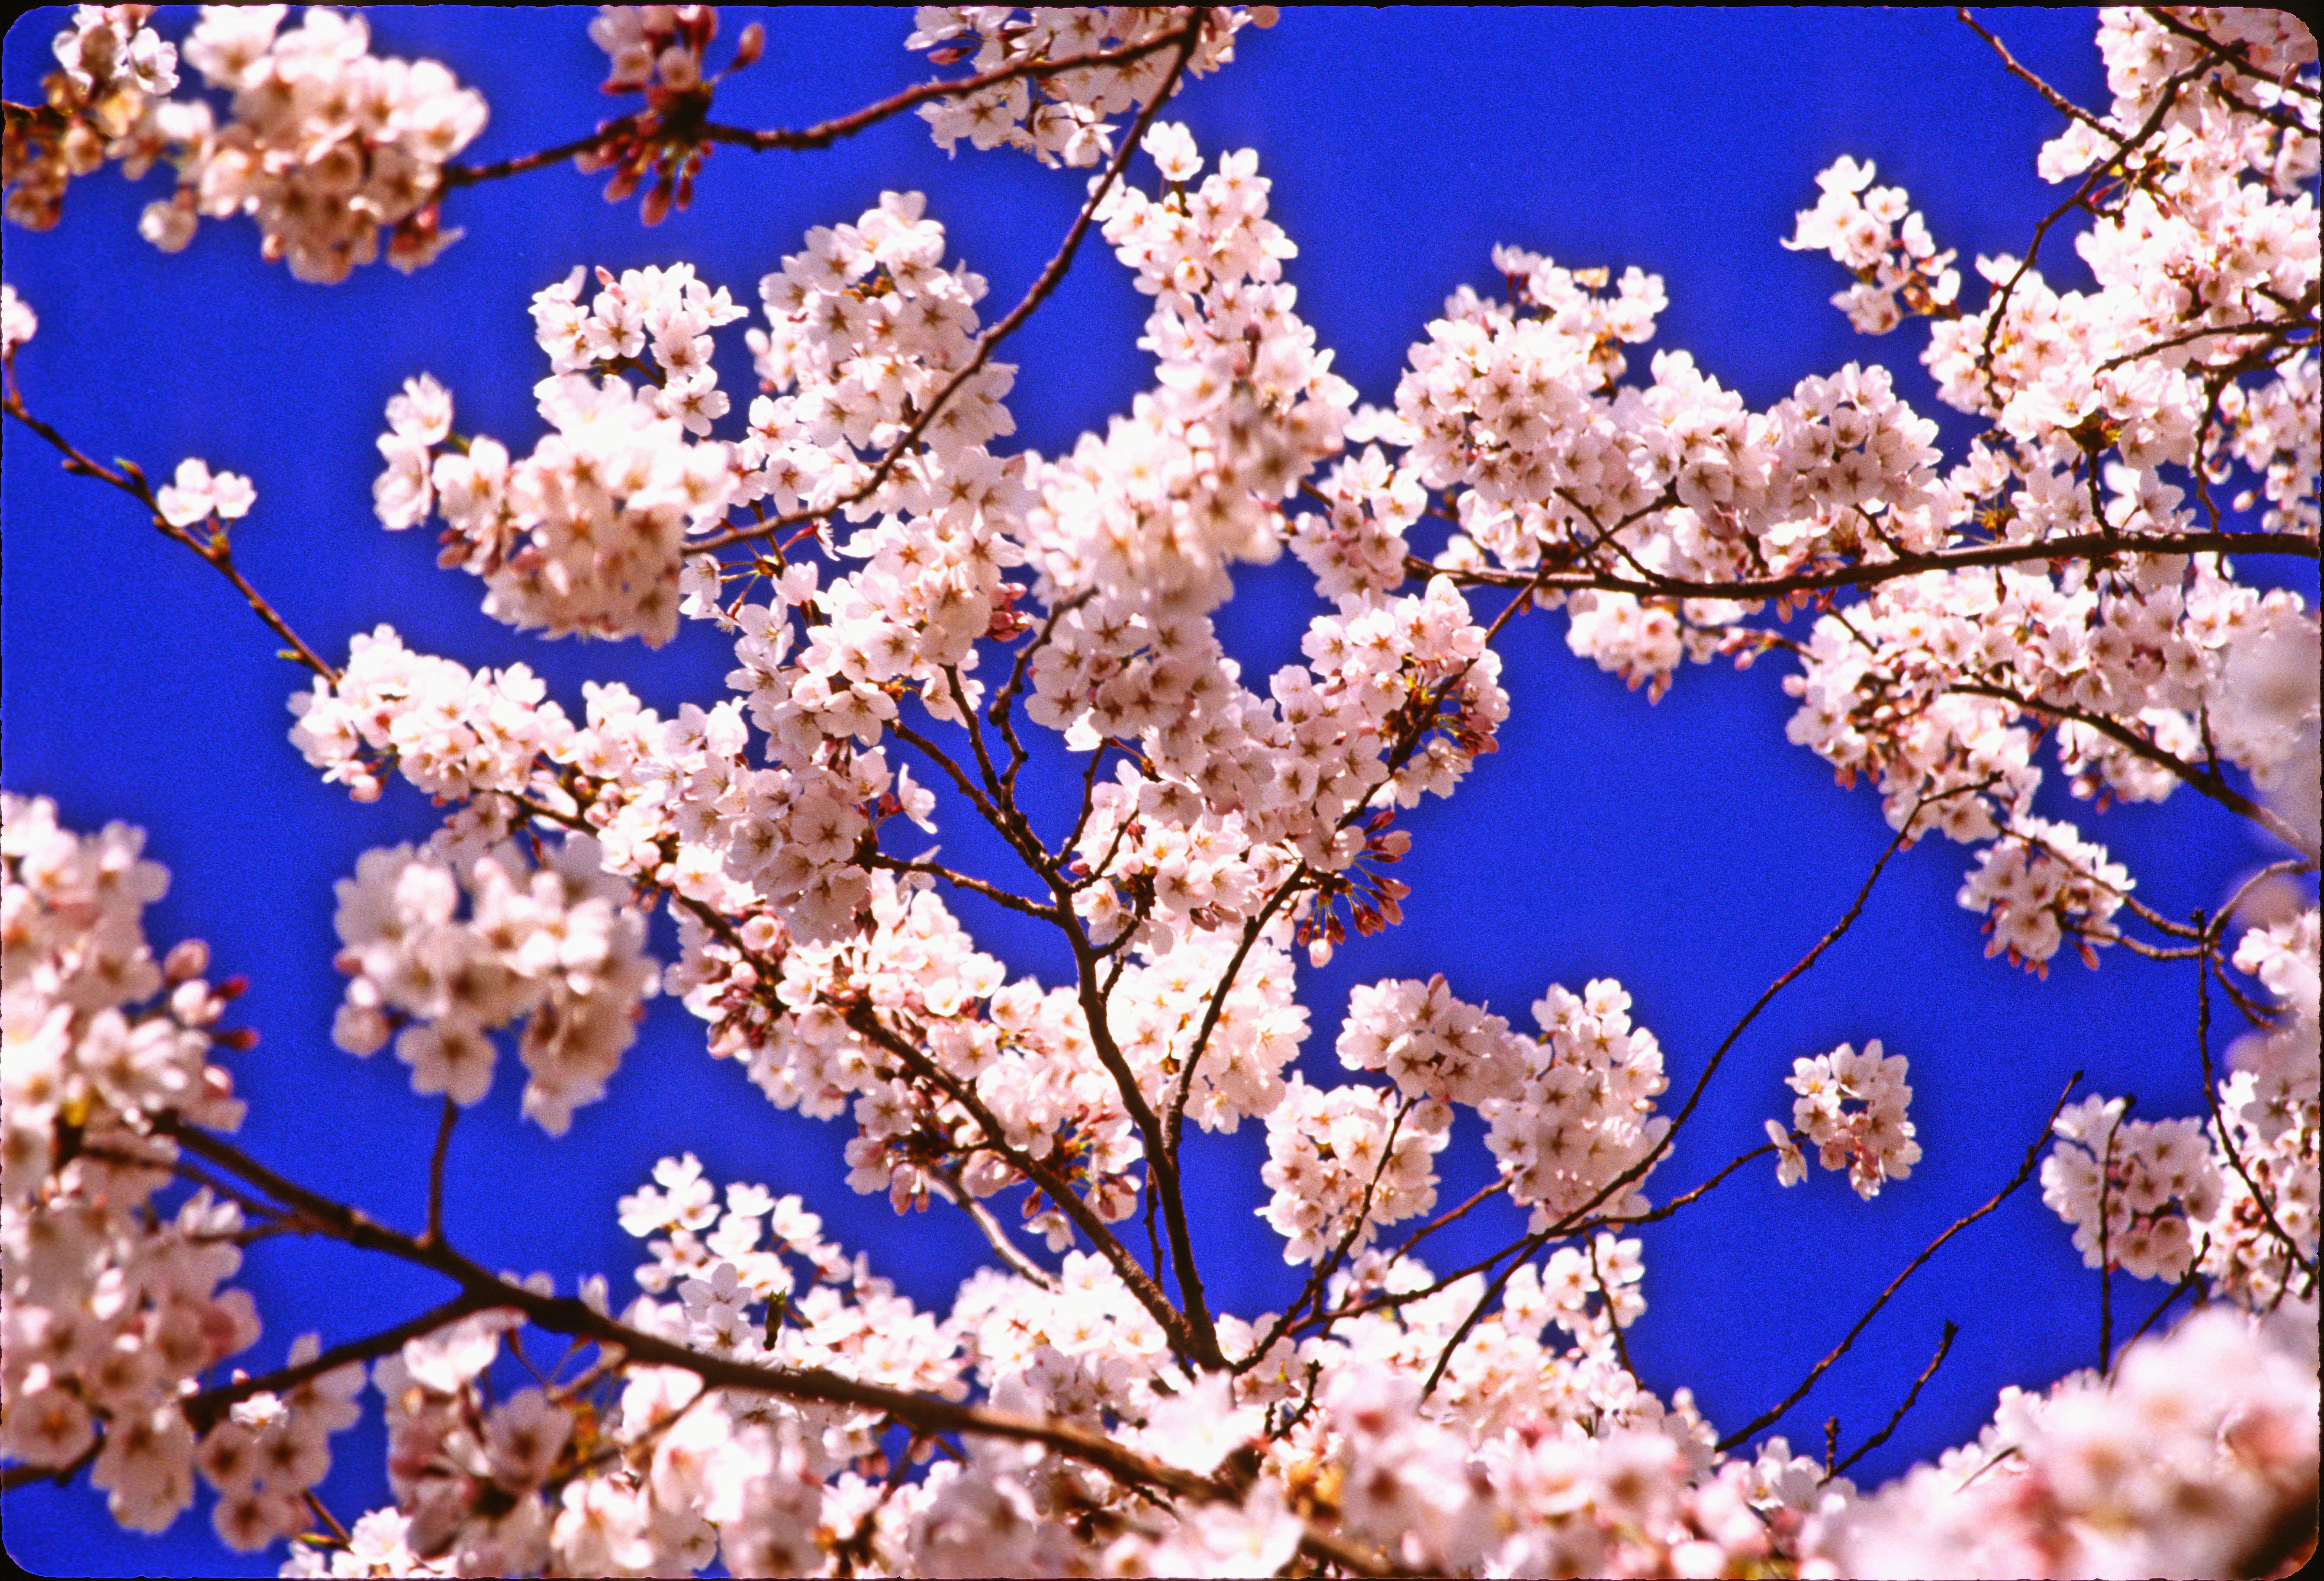 park spring blossom - photo #32